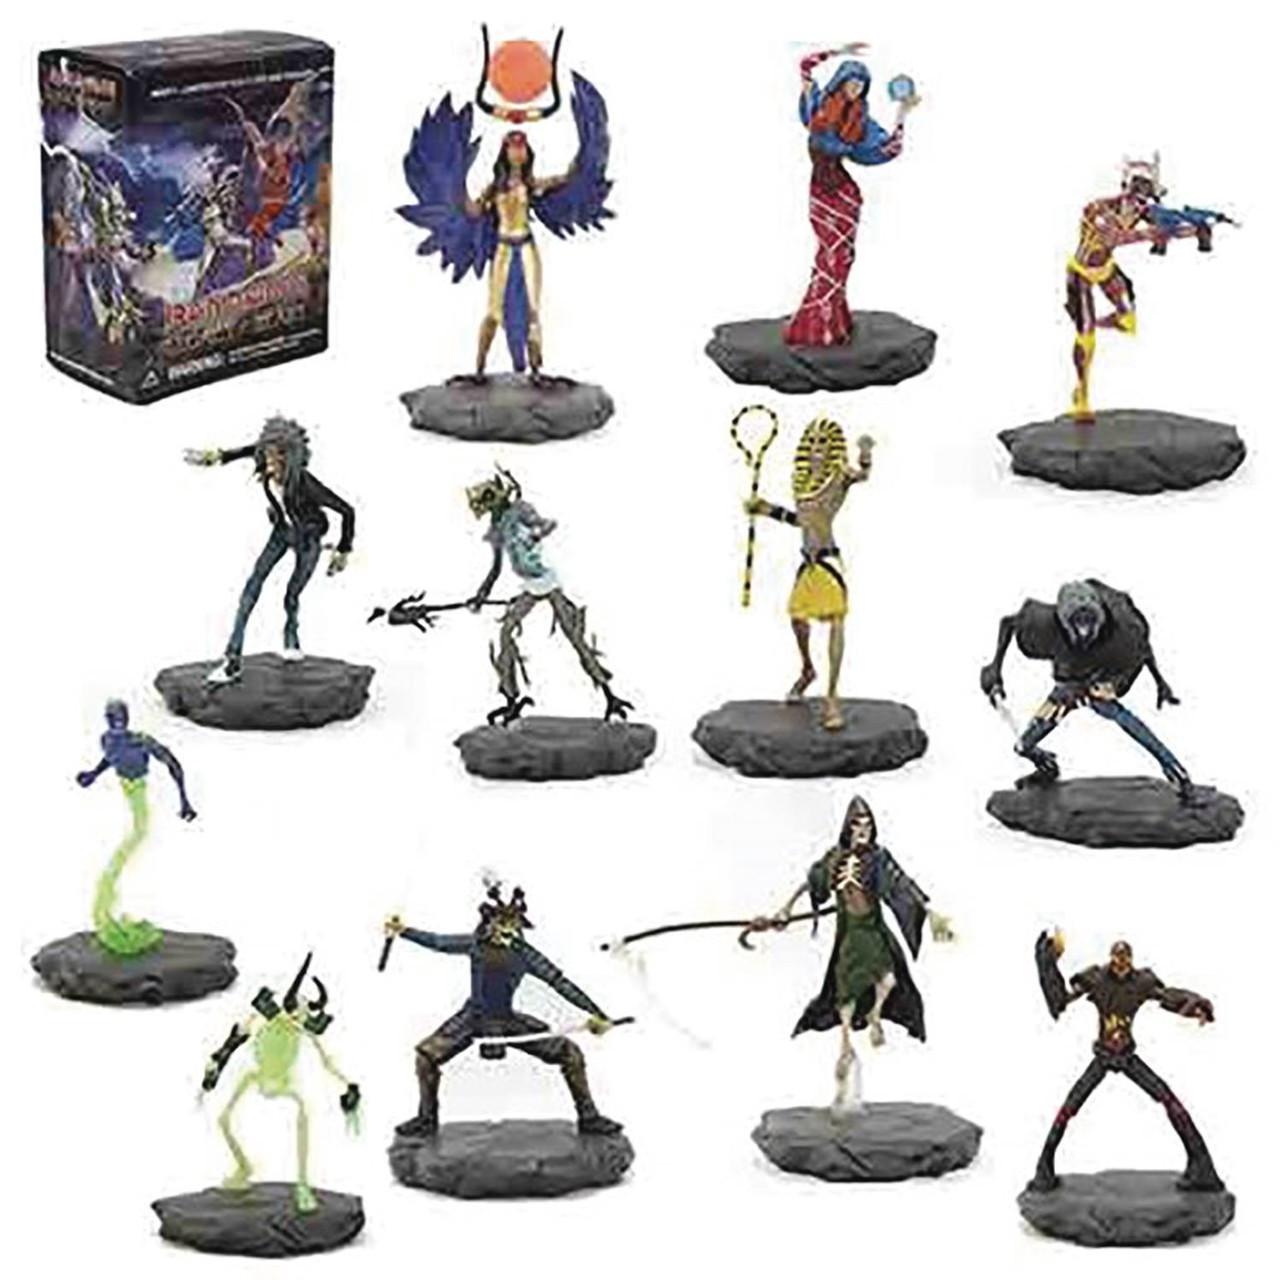 Iron Maiden Series 1 Iron Maiden 4 Minifigure Mystery Box 12 Packs ...